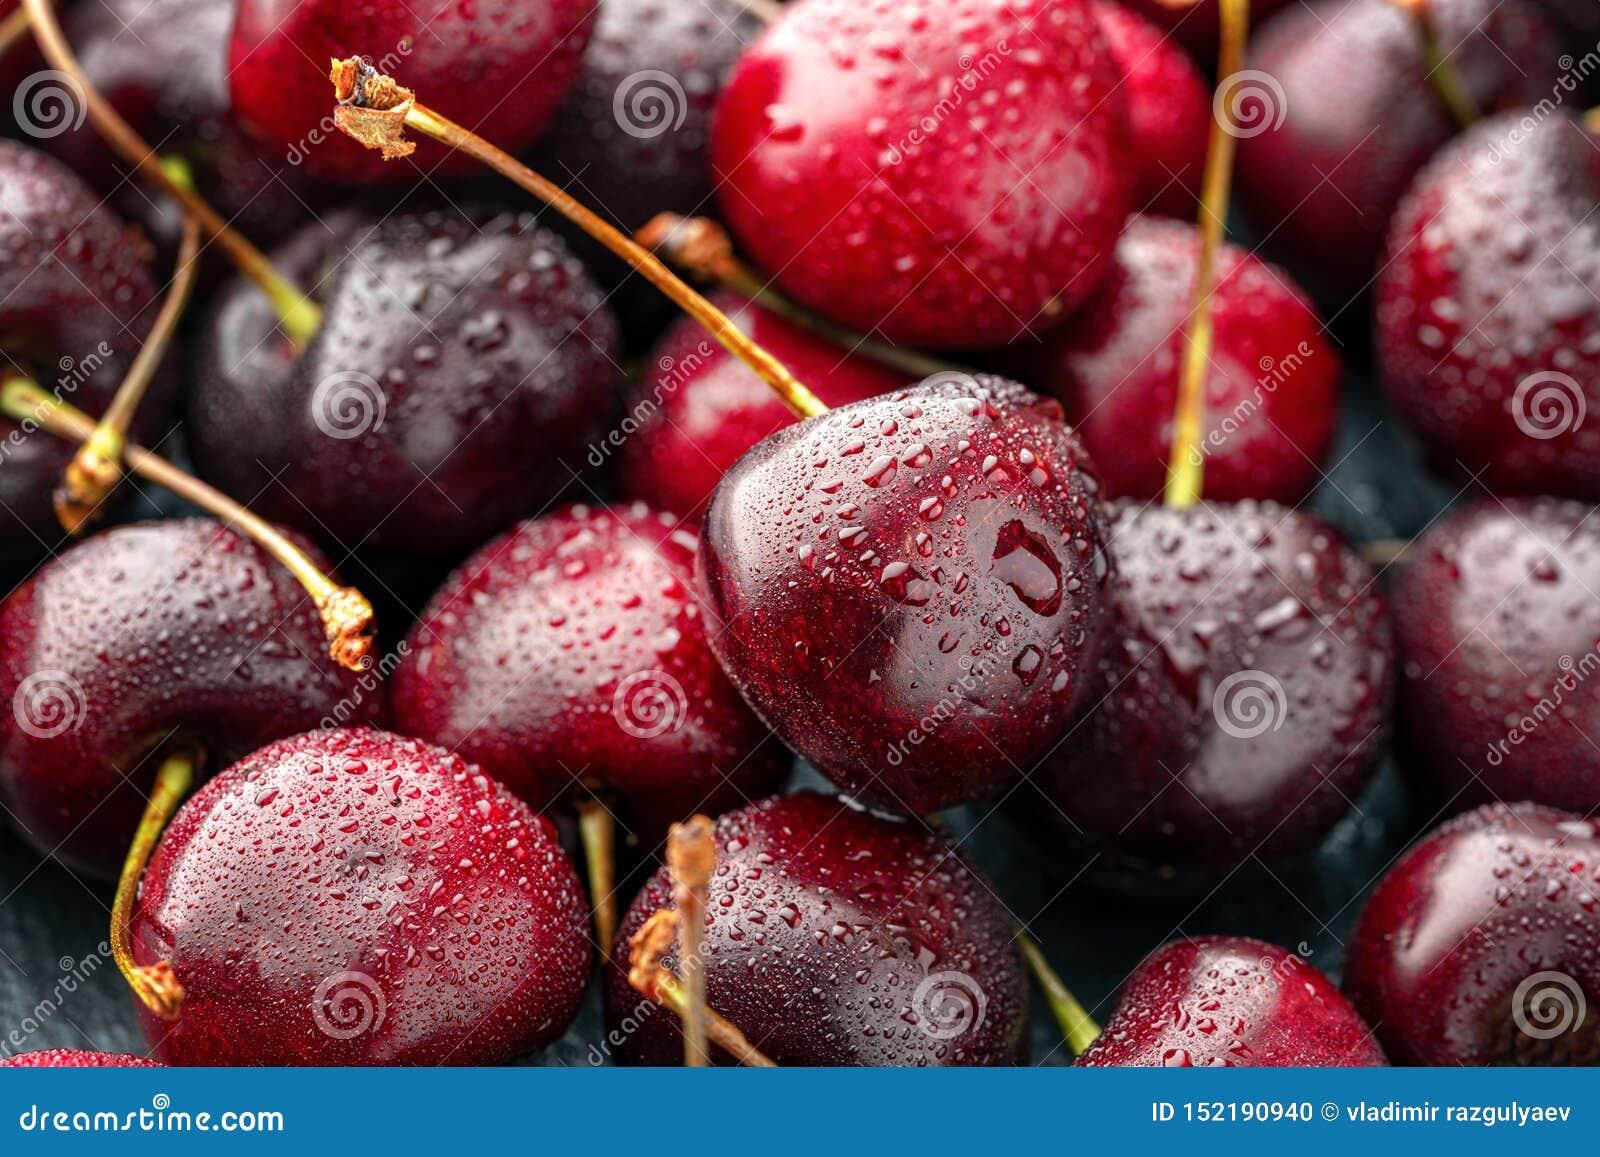 关闭堆与茎的成熟樱桃 新鲜的红色樱桃的大收藏量 成熟樱桃背景